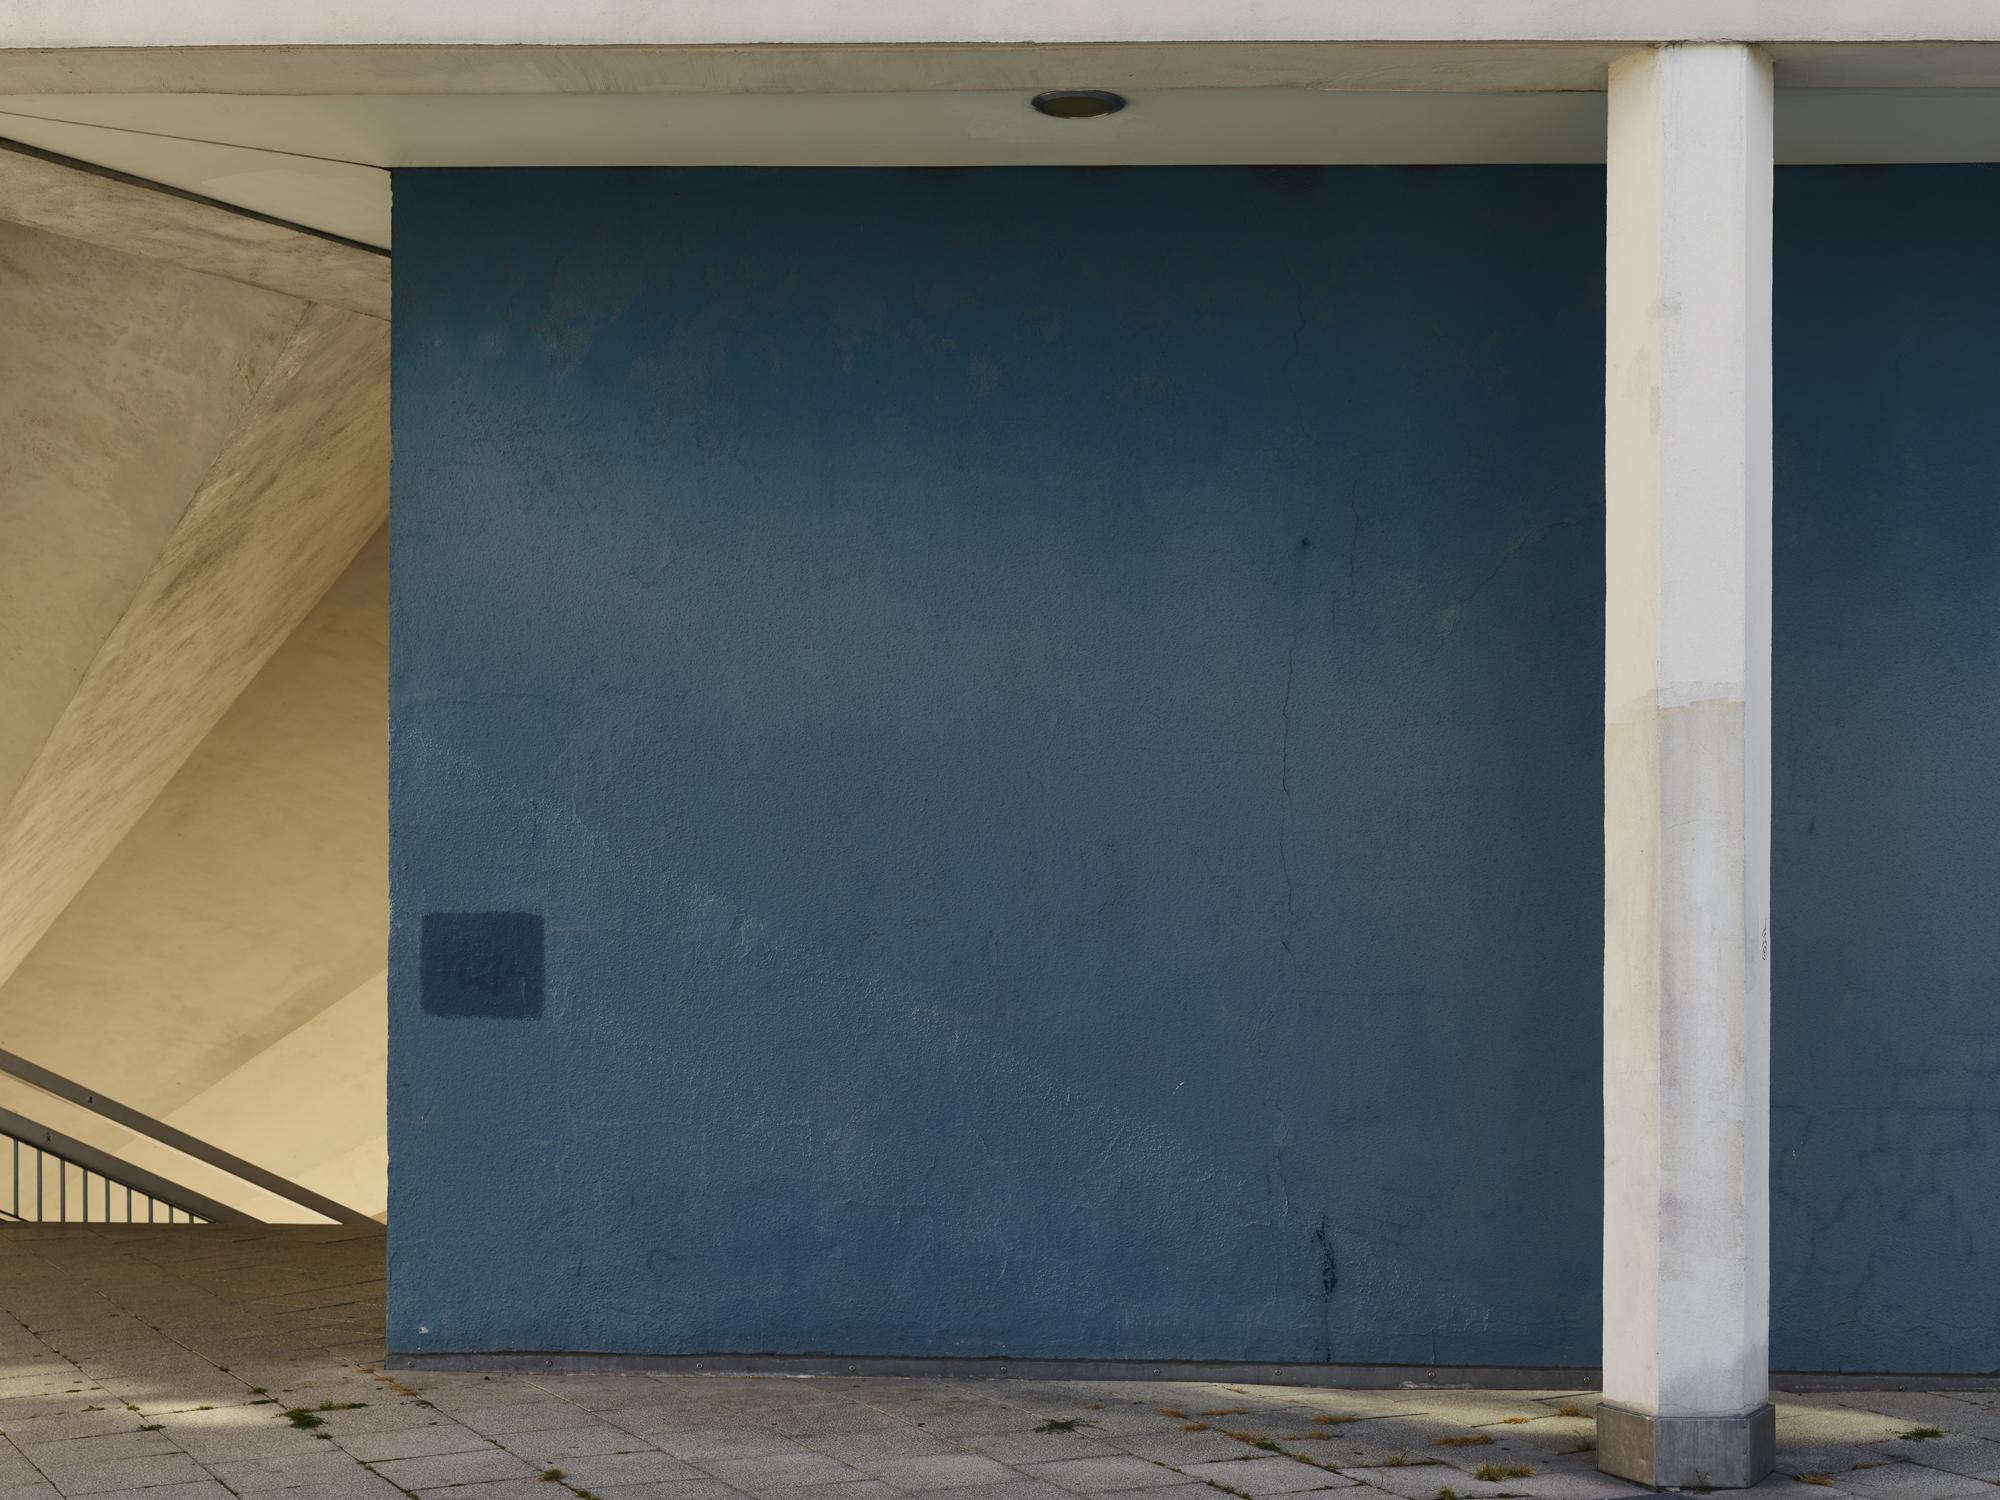 Vattenfall-ImageBank-231.jpg